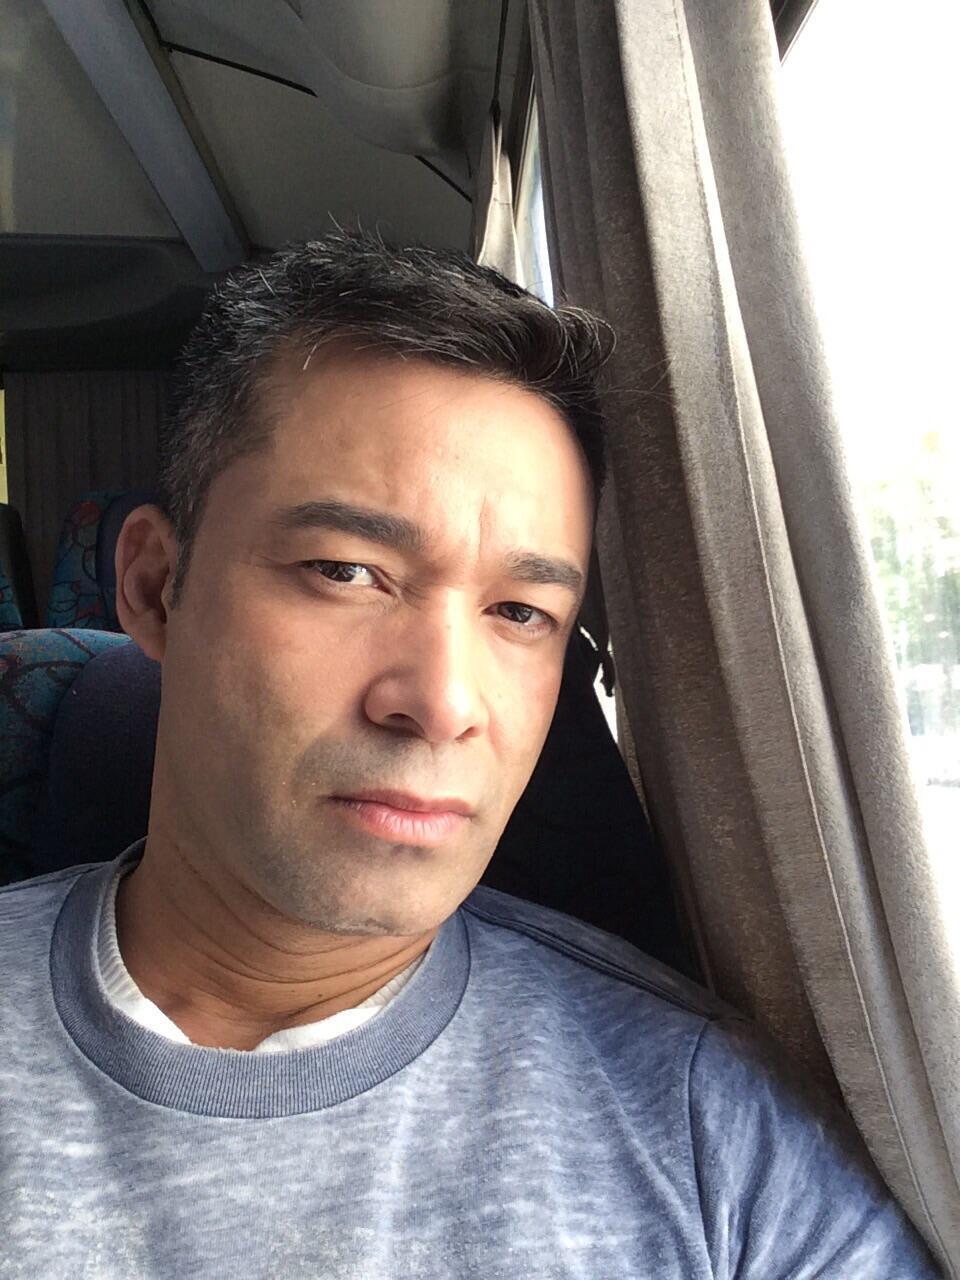 Para Rufino Ribeiro, os direitos LGBT não fazem parte das prioridades dos líderes políticos.